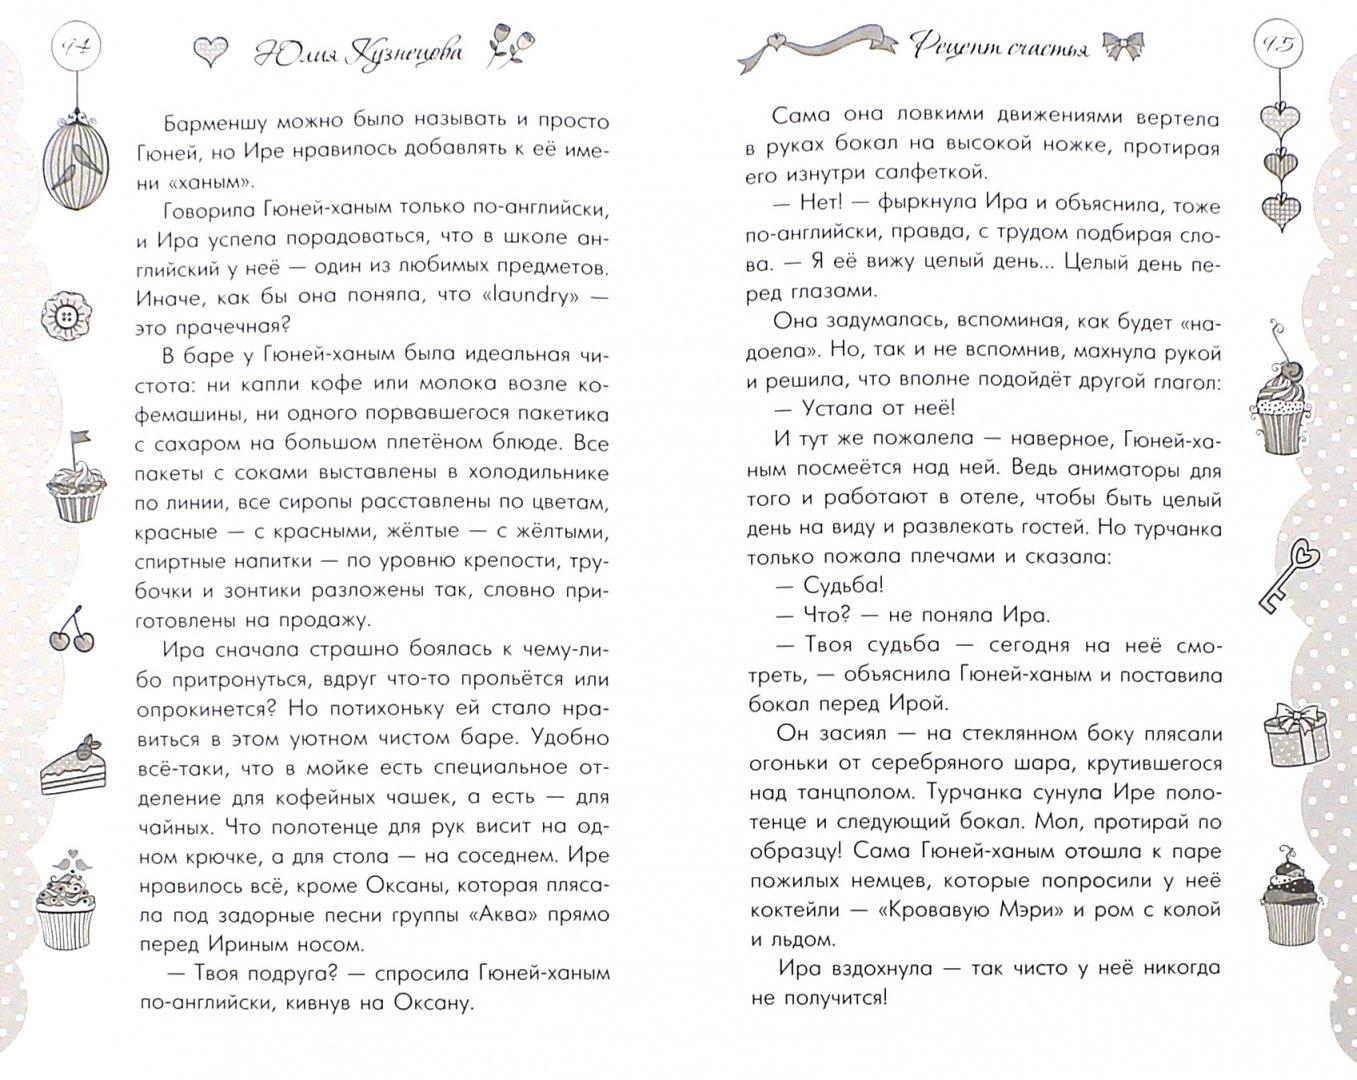 Иллюстрация 1 из 20 для Рецепт счастья - Юлия Кузнецова | Лабиринт - книги. Источник: Лабиринт